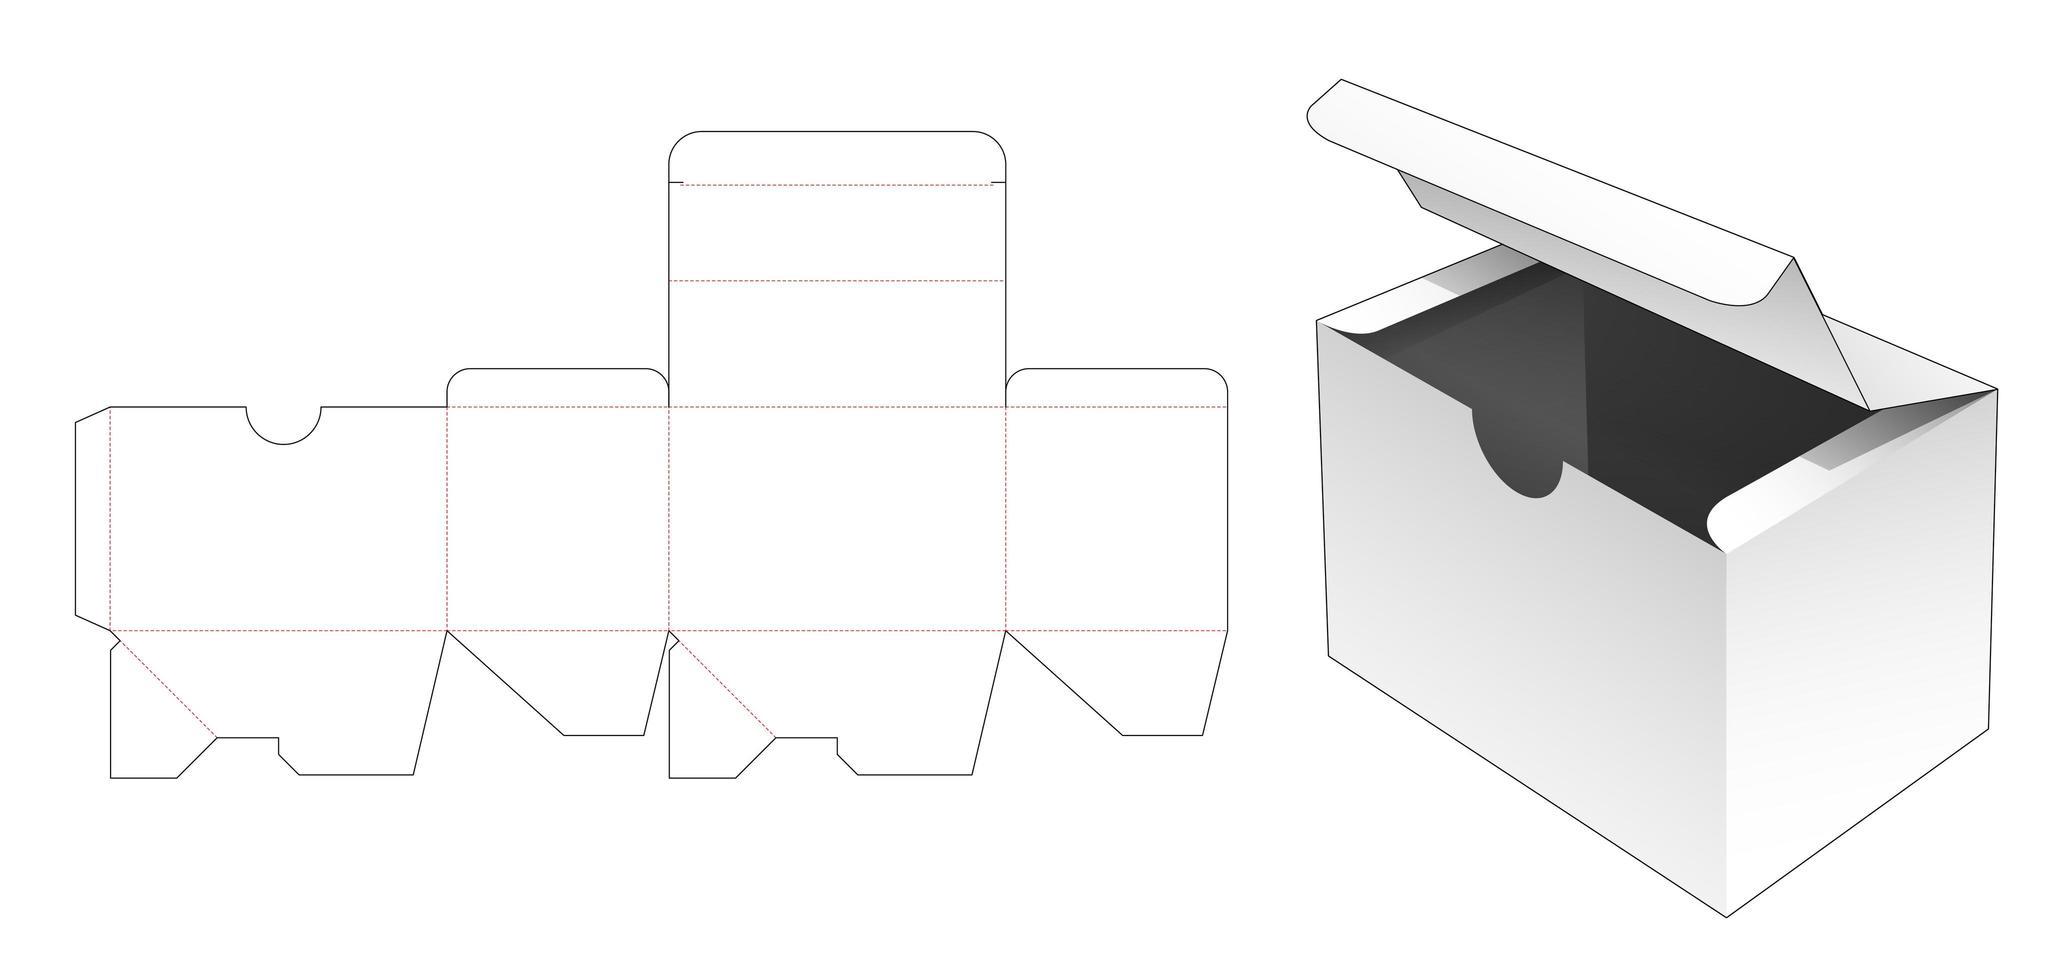 embalagem flip box com tampa dobrada vetor